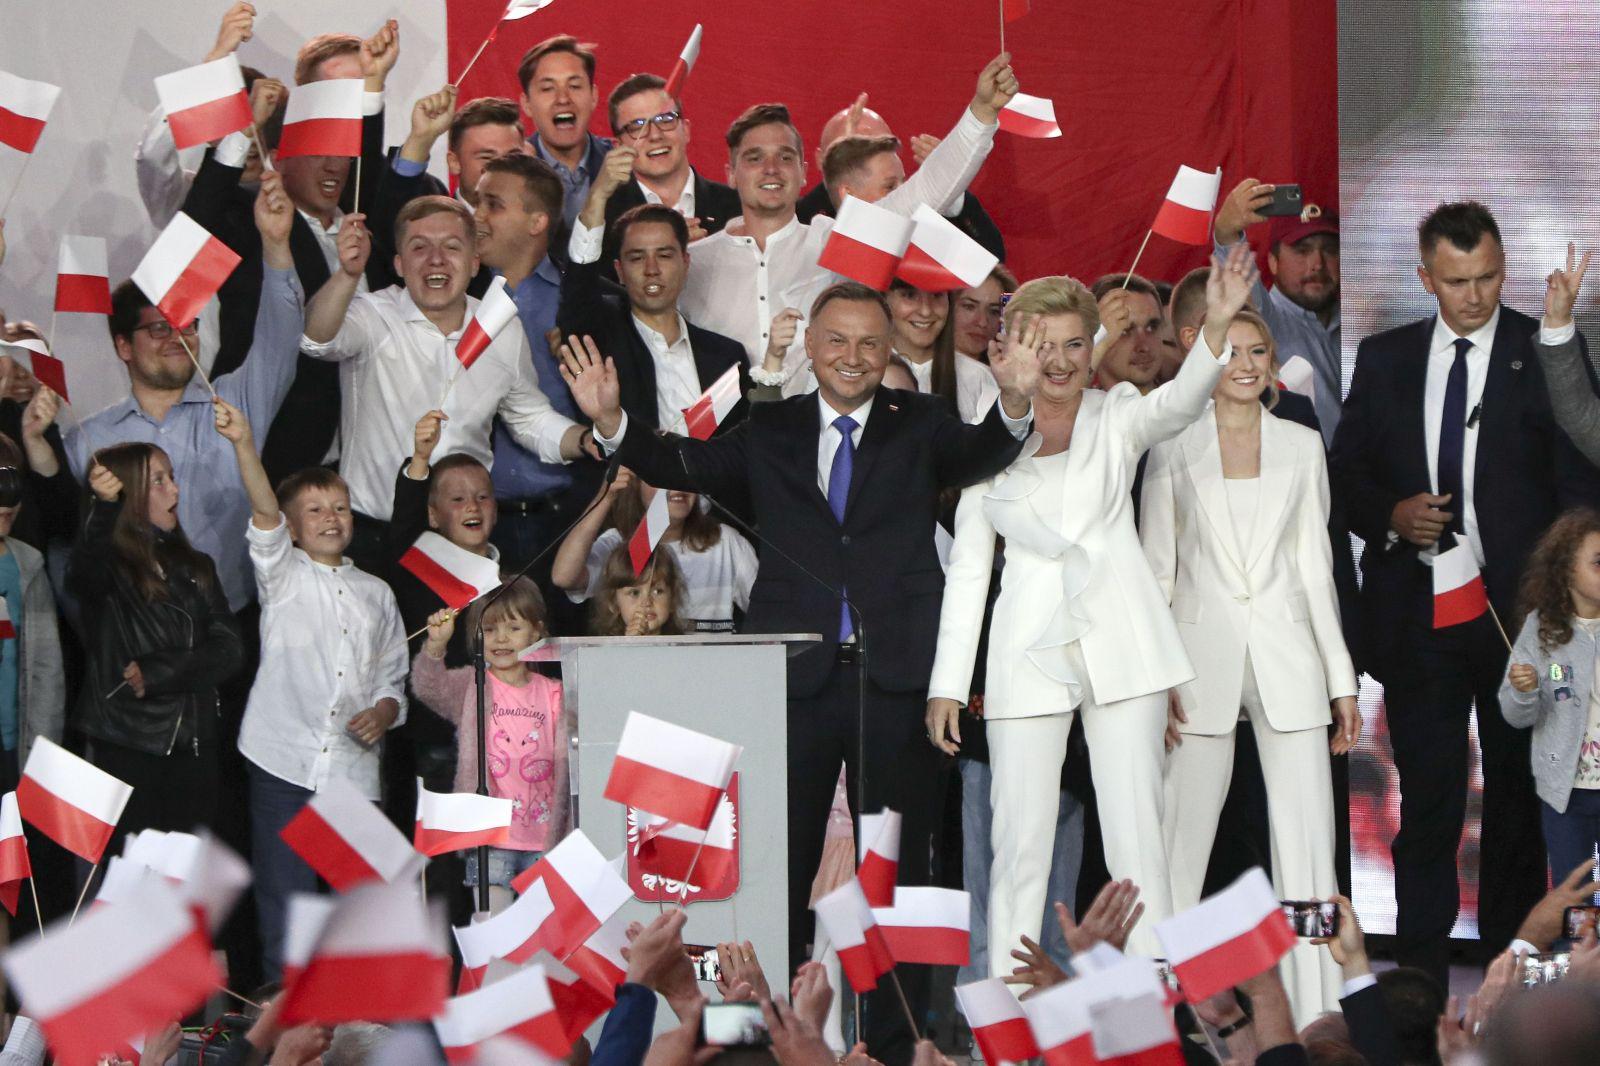 Prezidentské voľby v Poľsku vyhral súčasný prezident Andrzej Duda. Spočítaných je 99% hlasov